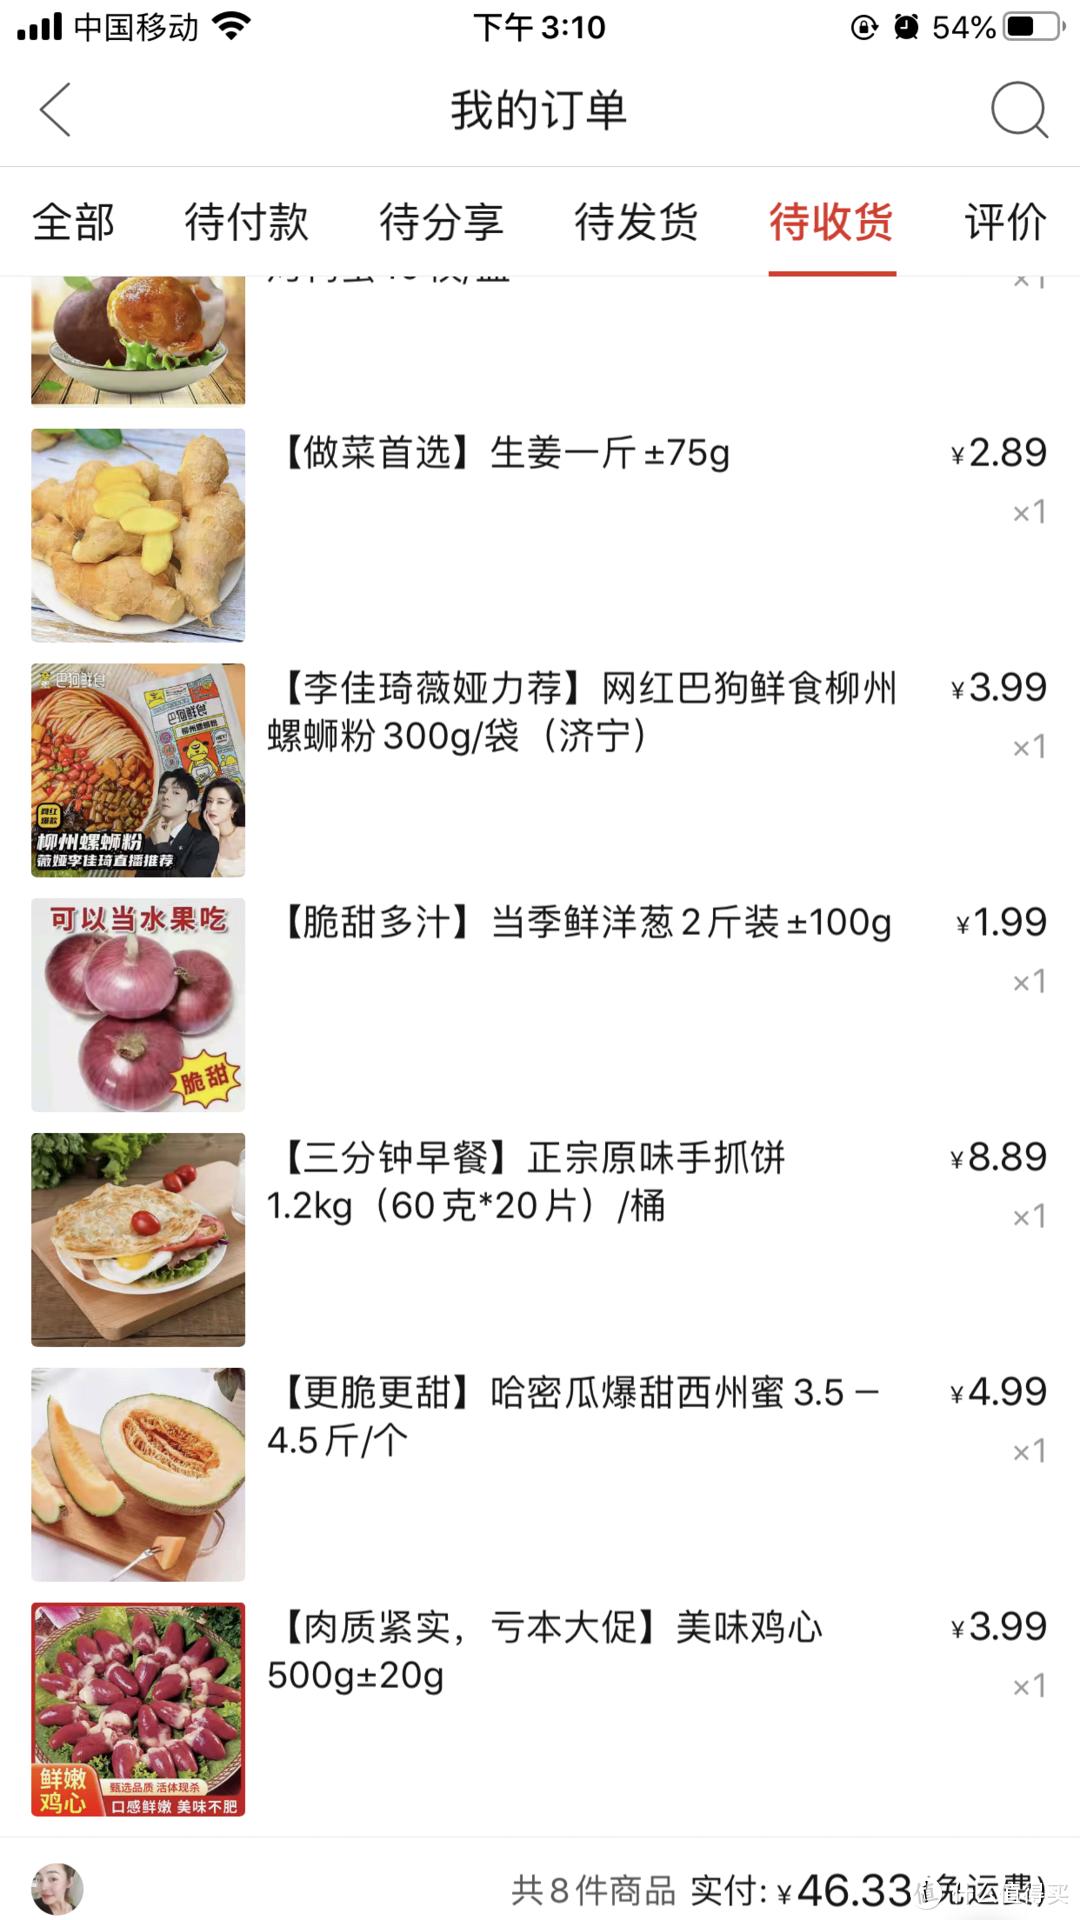 花了46元在某多上买了8样食材,有肉有菜有面食,为何如此便宜?